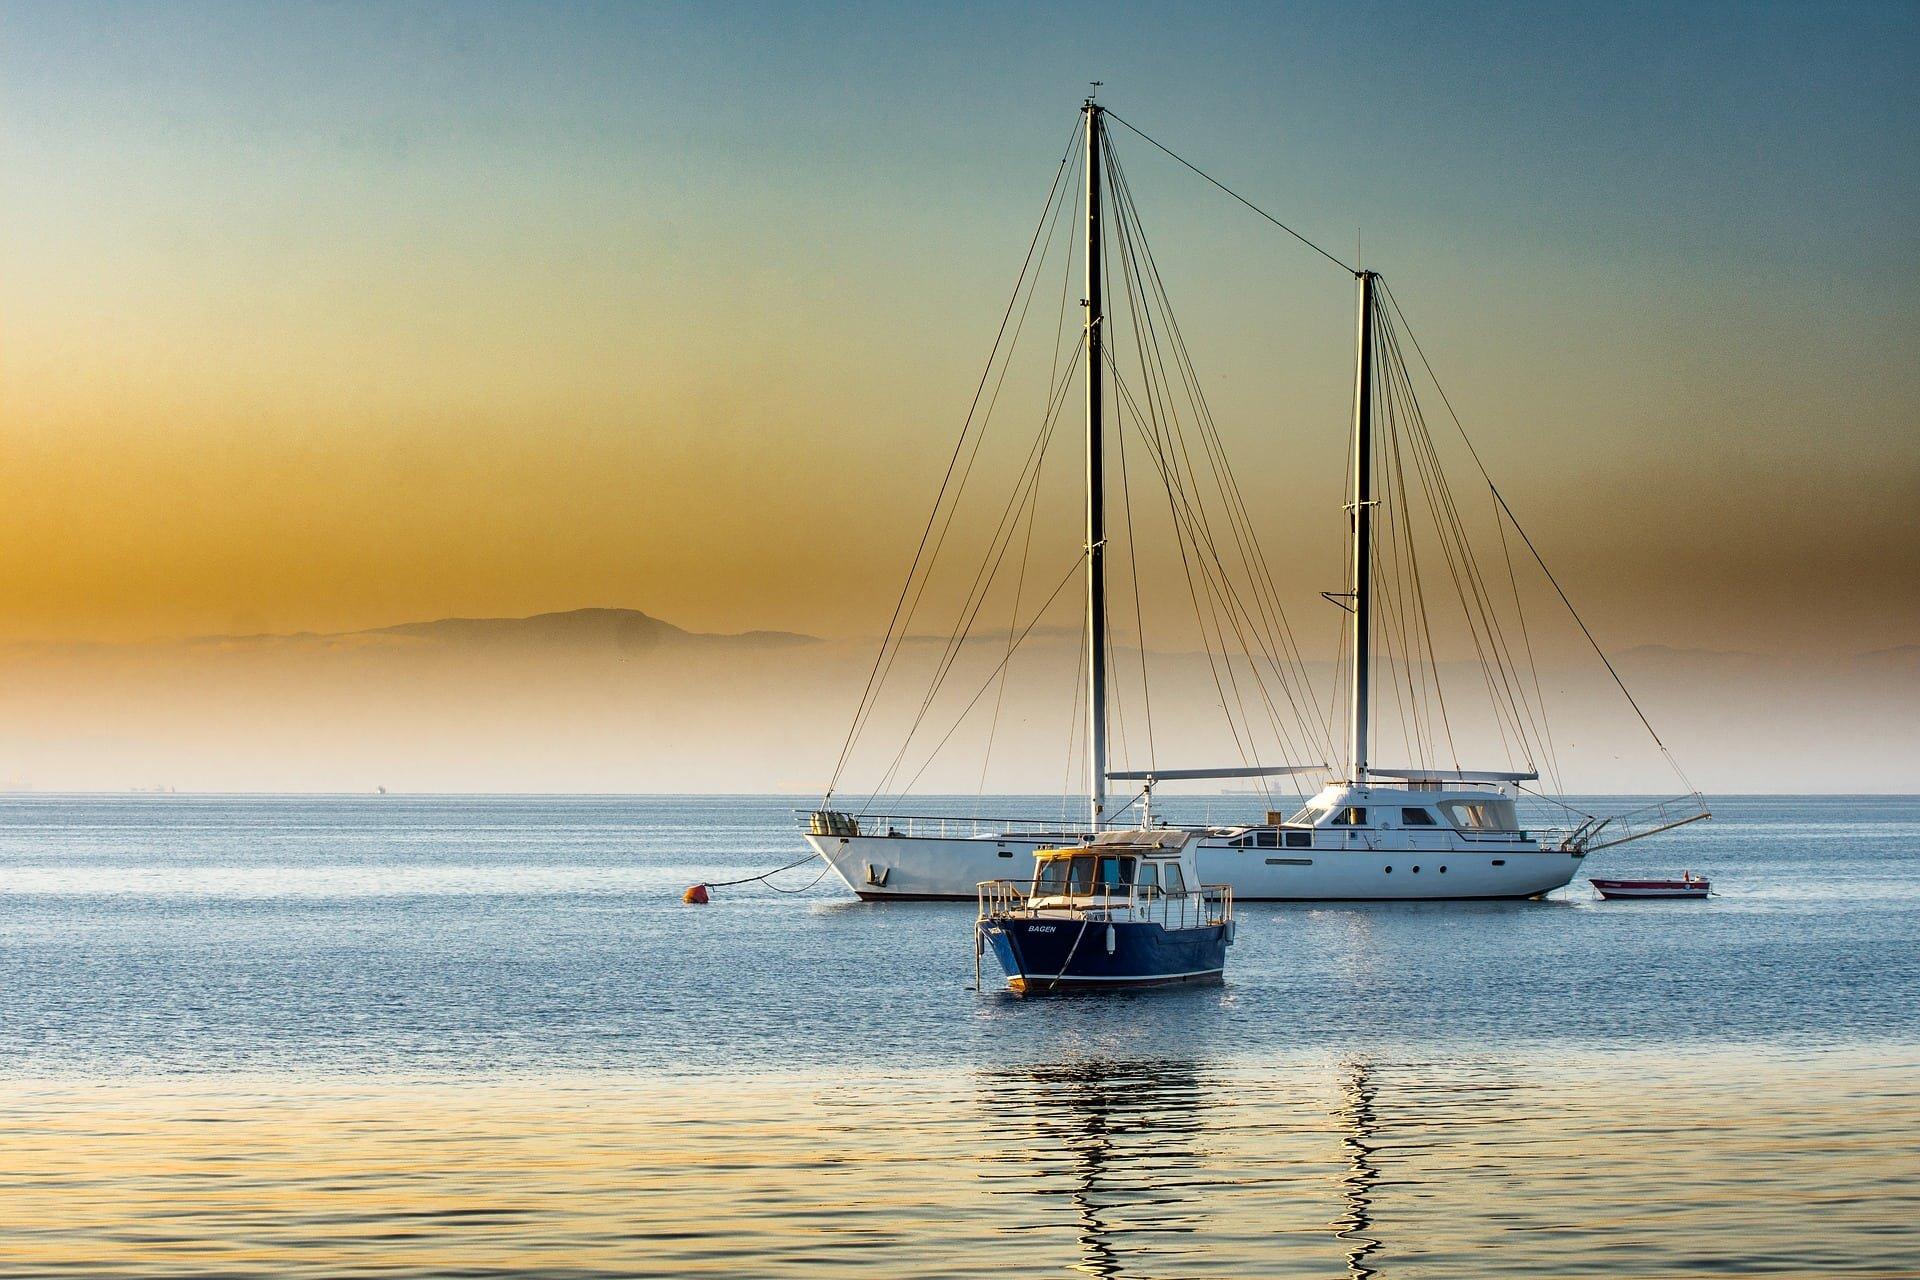 Лучший отдых в Бодруме(Турция)2018 — Пляжи, отели, туры.